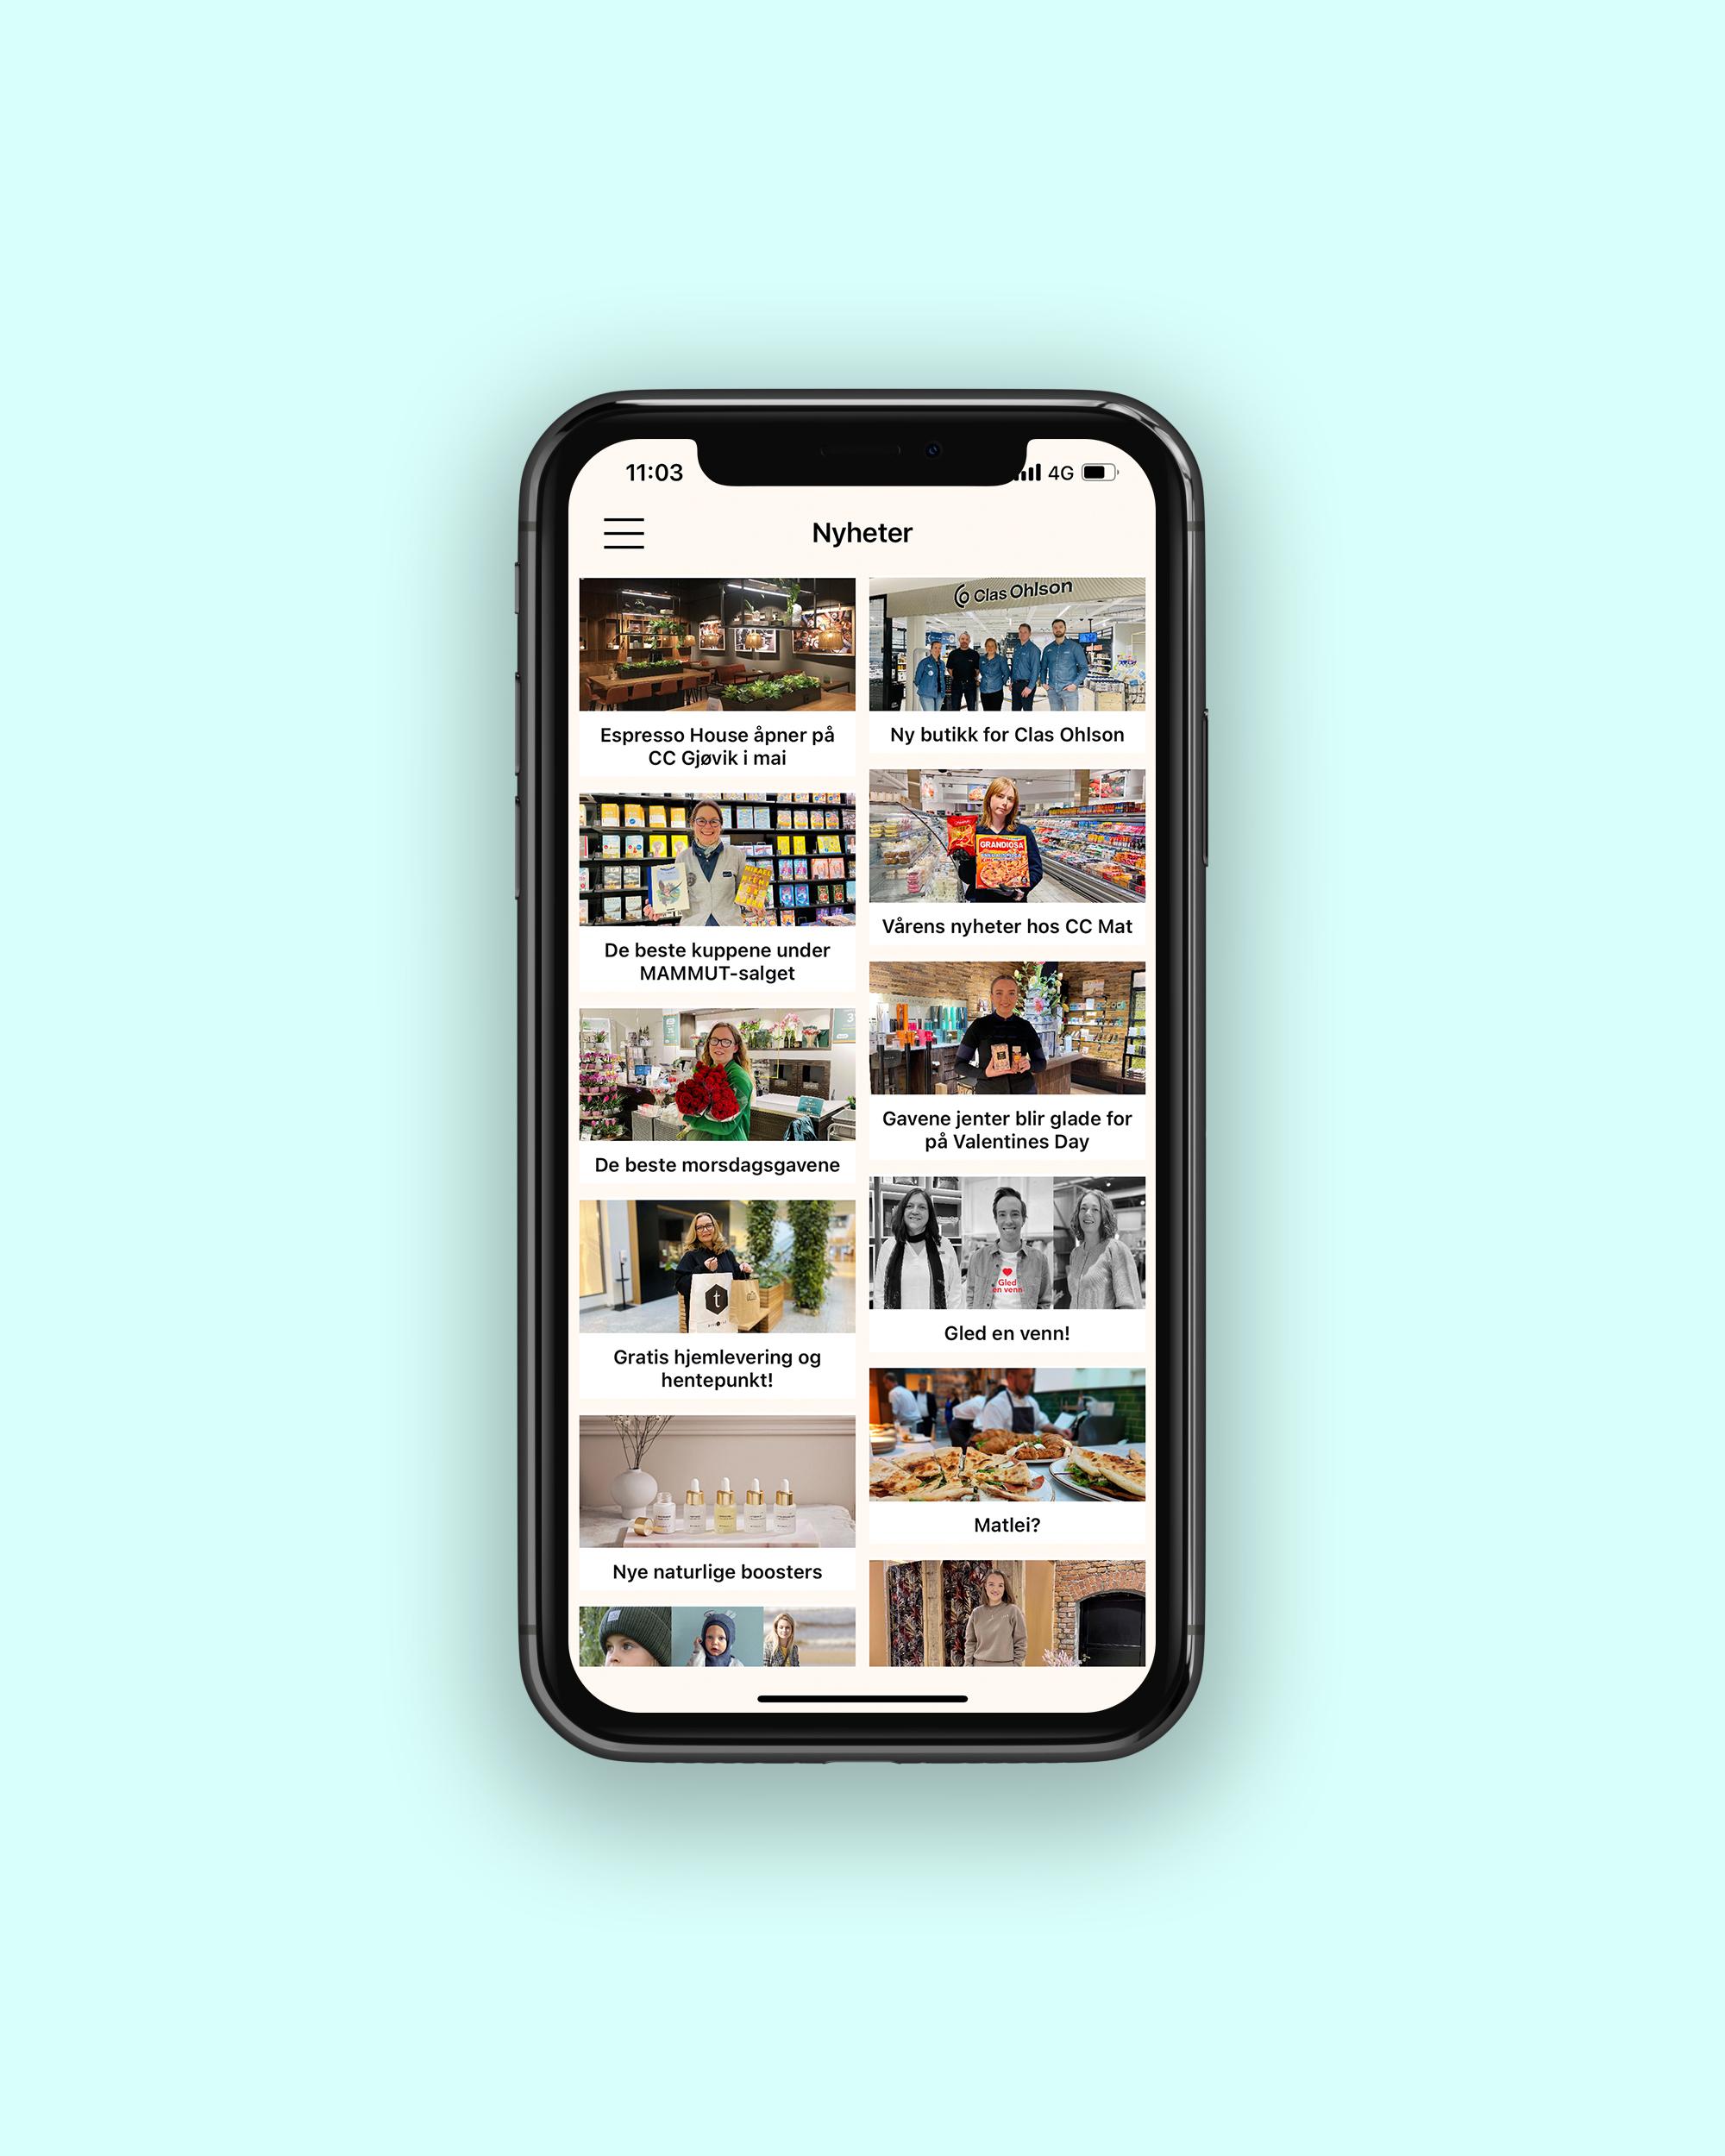 CC Gjøvik kundeklubb app, nyheter